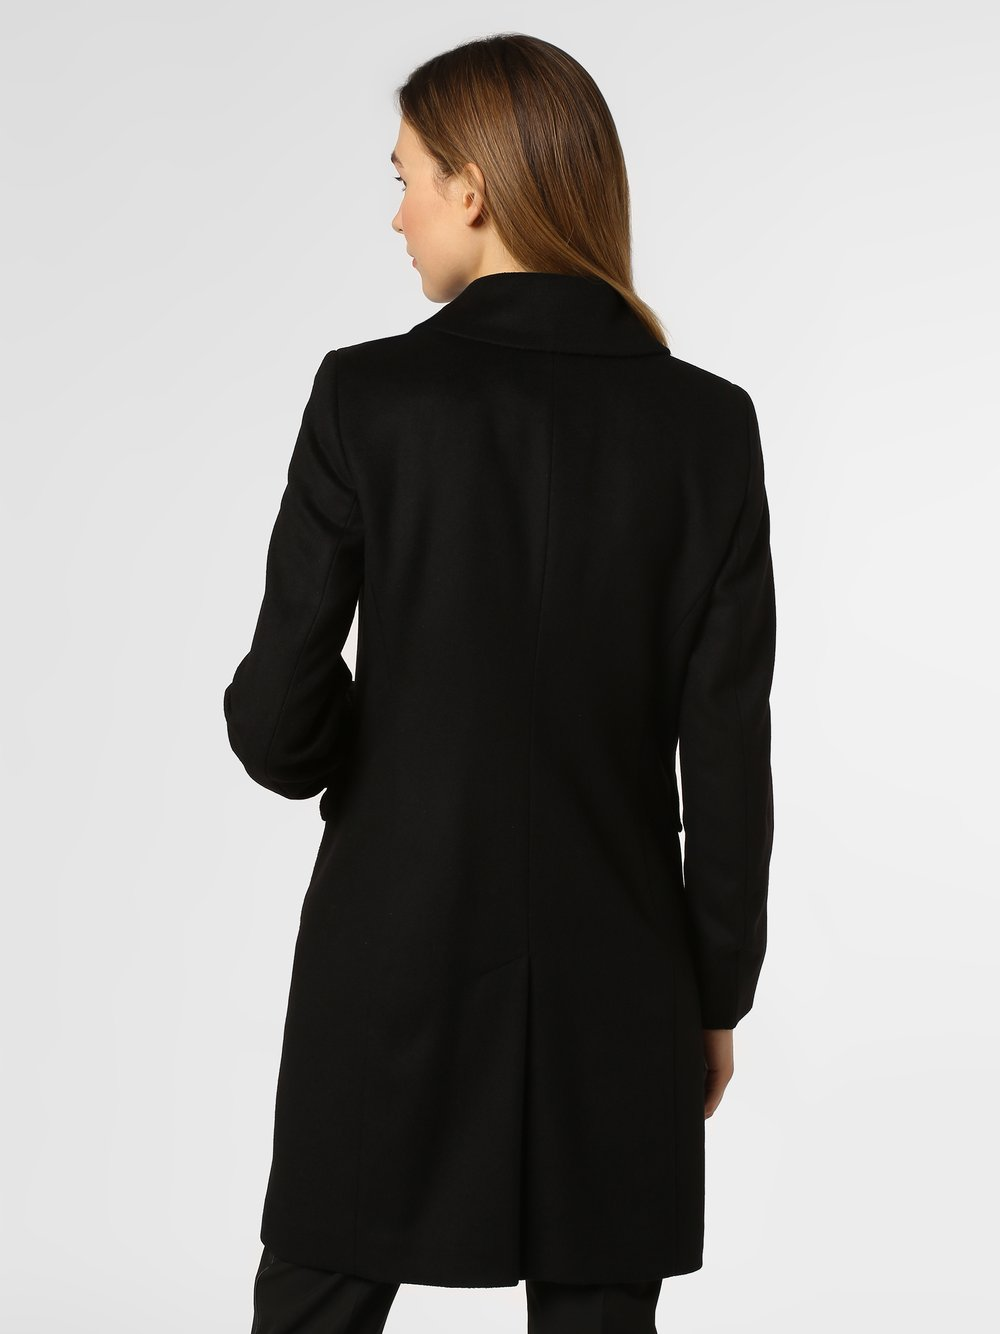 Cinque schwarz Cashmere Mantel Damen uni Damen Anteil mit ynOPvmwN08